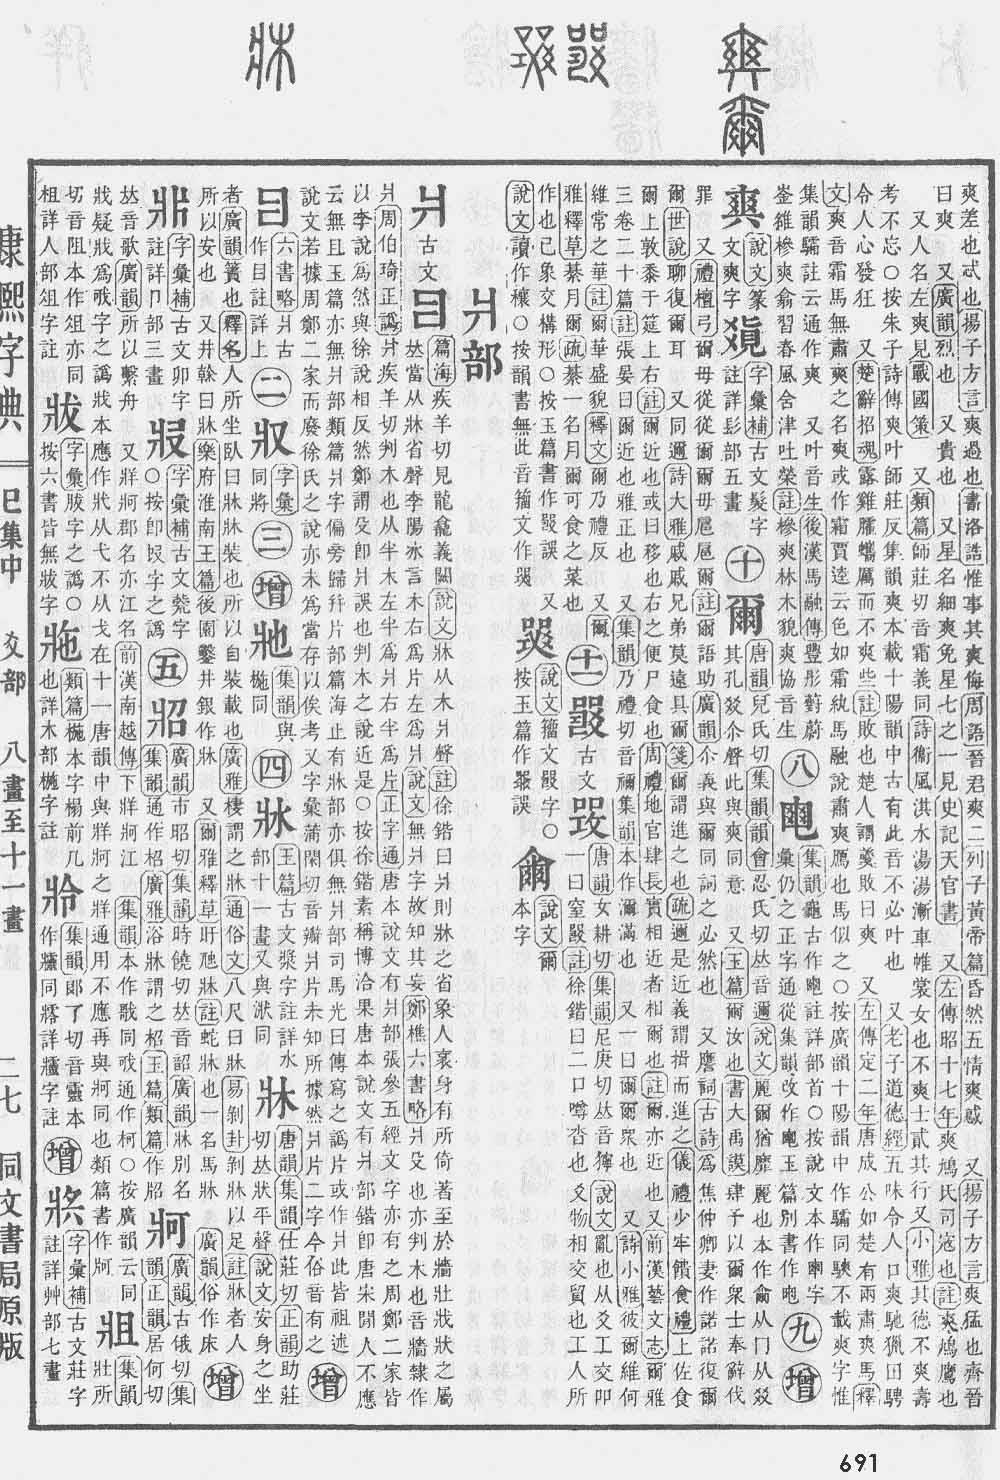 《康熙字典》第691页